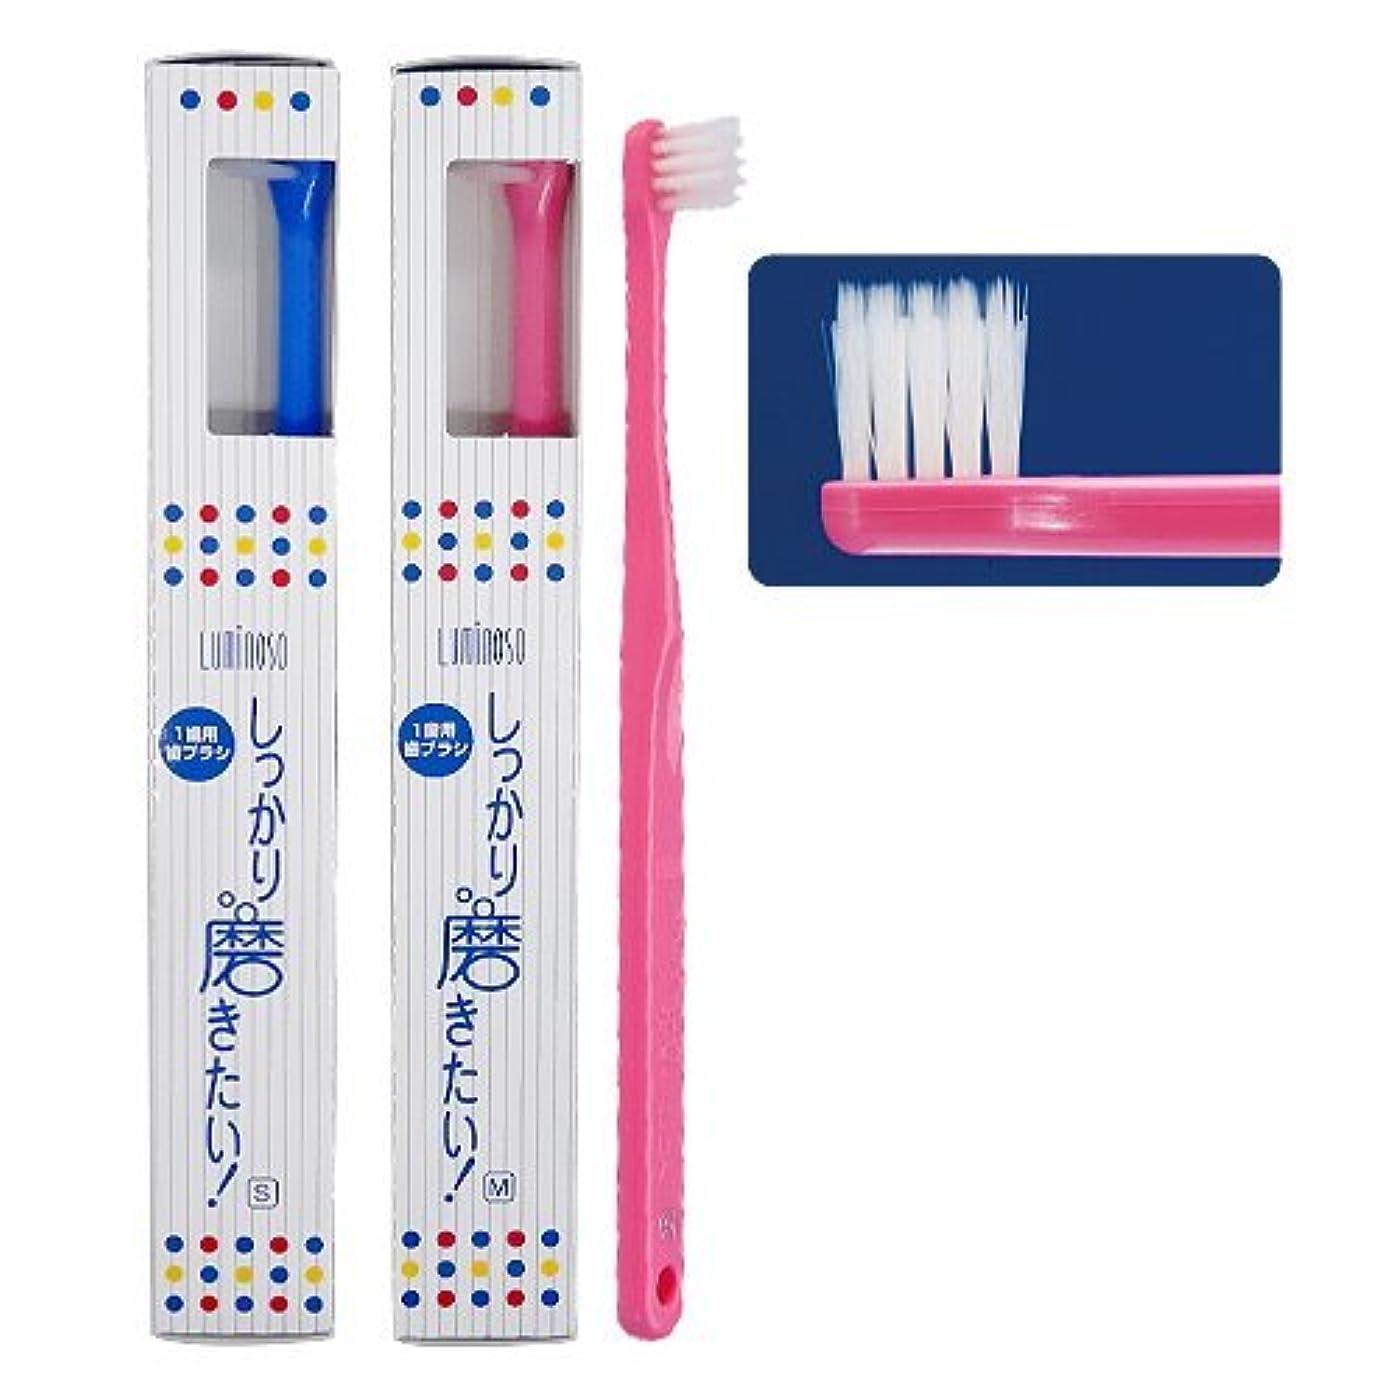 送った放棄された漁師ルミノソ 1歯用歯ブラシ「しっかり磨きたい!」スタンダード ミディアム (カラー指定不可) 3本